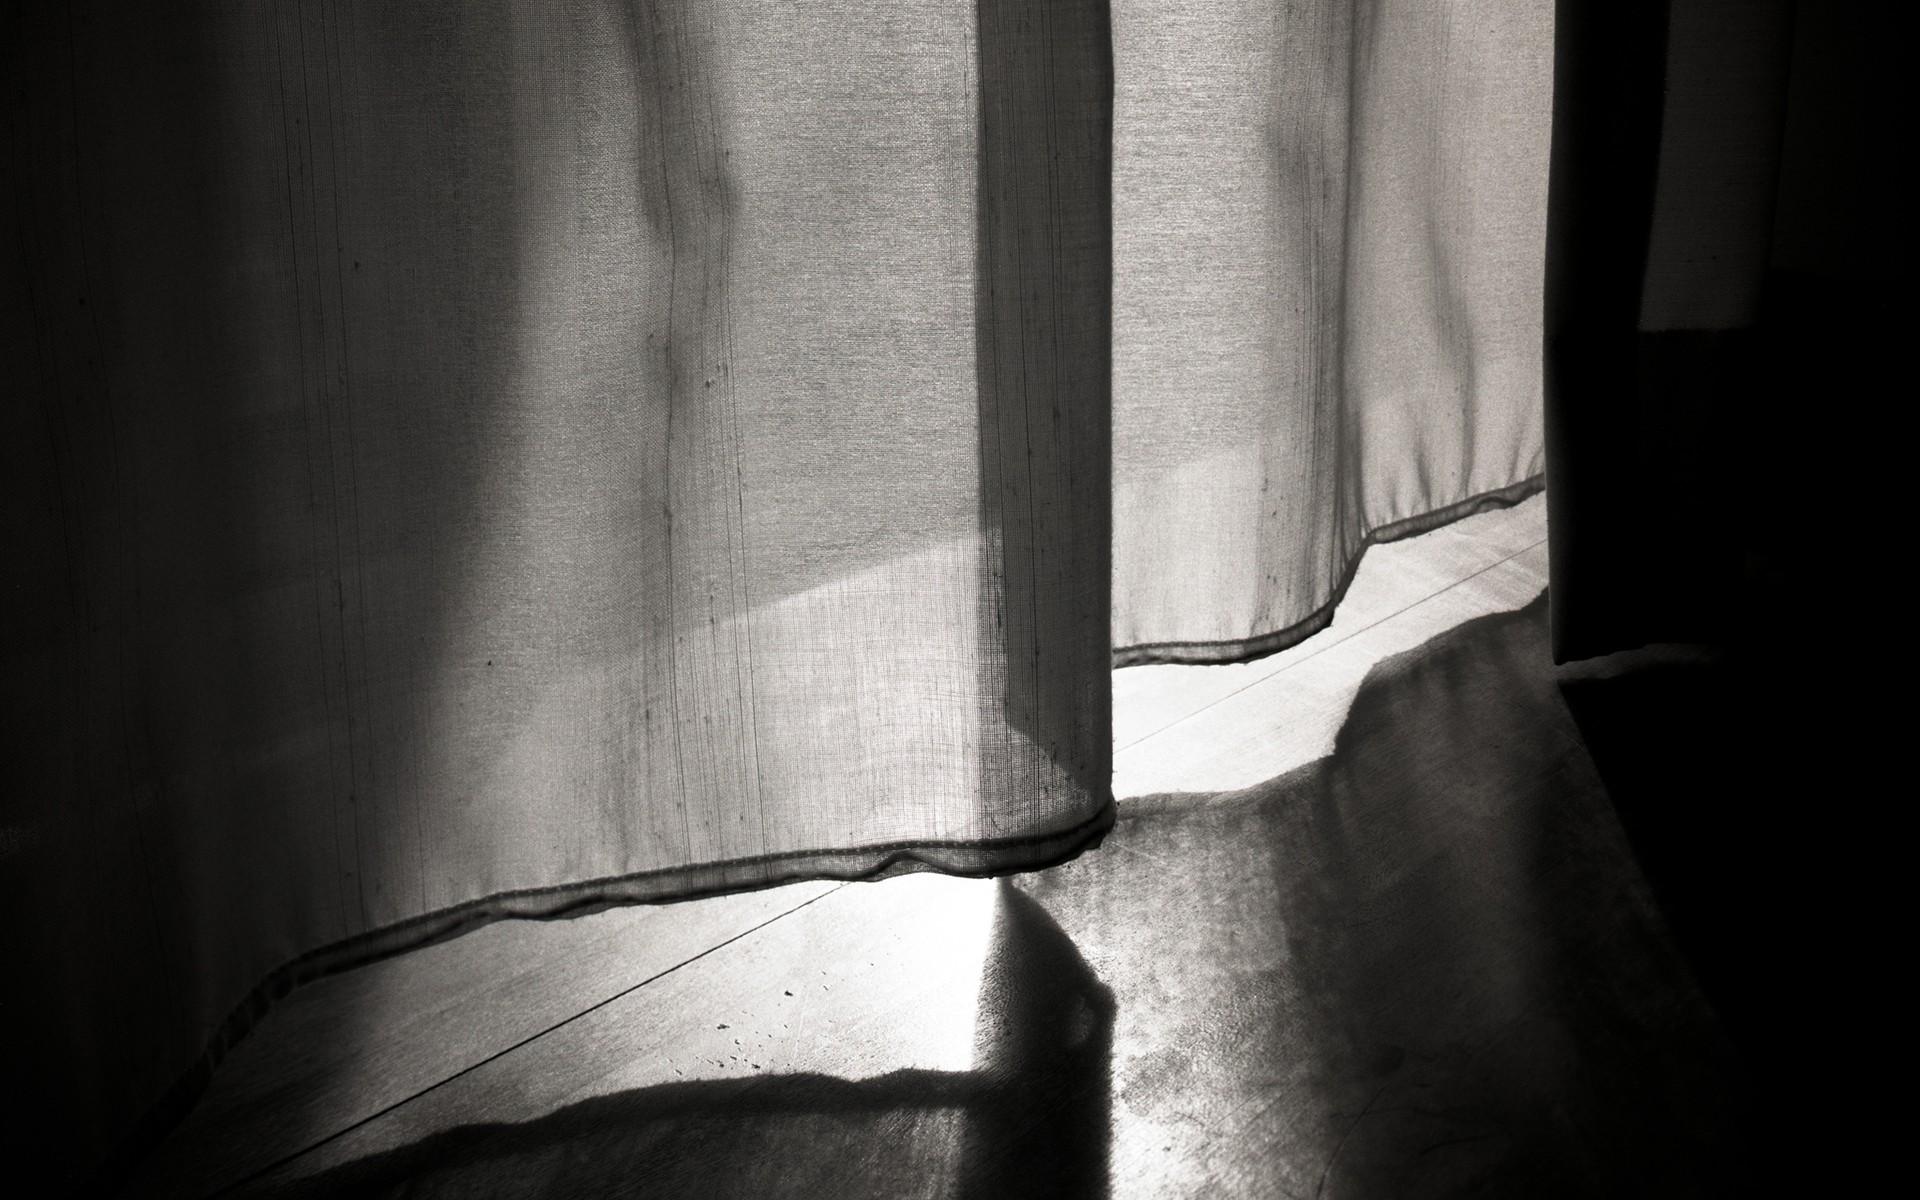 Hình Nền đơn Sắc Cửa Sổ Nhiếp ảnh Màu Xám ánh Sáng